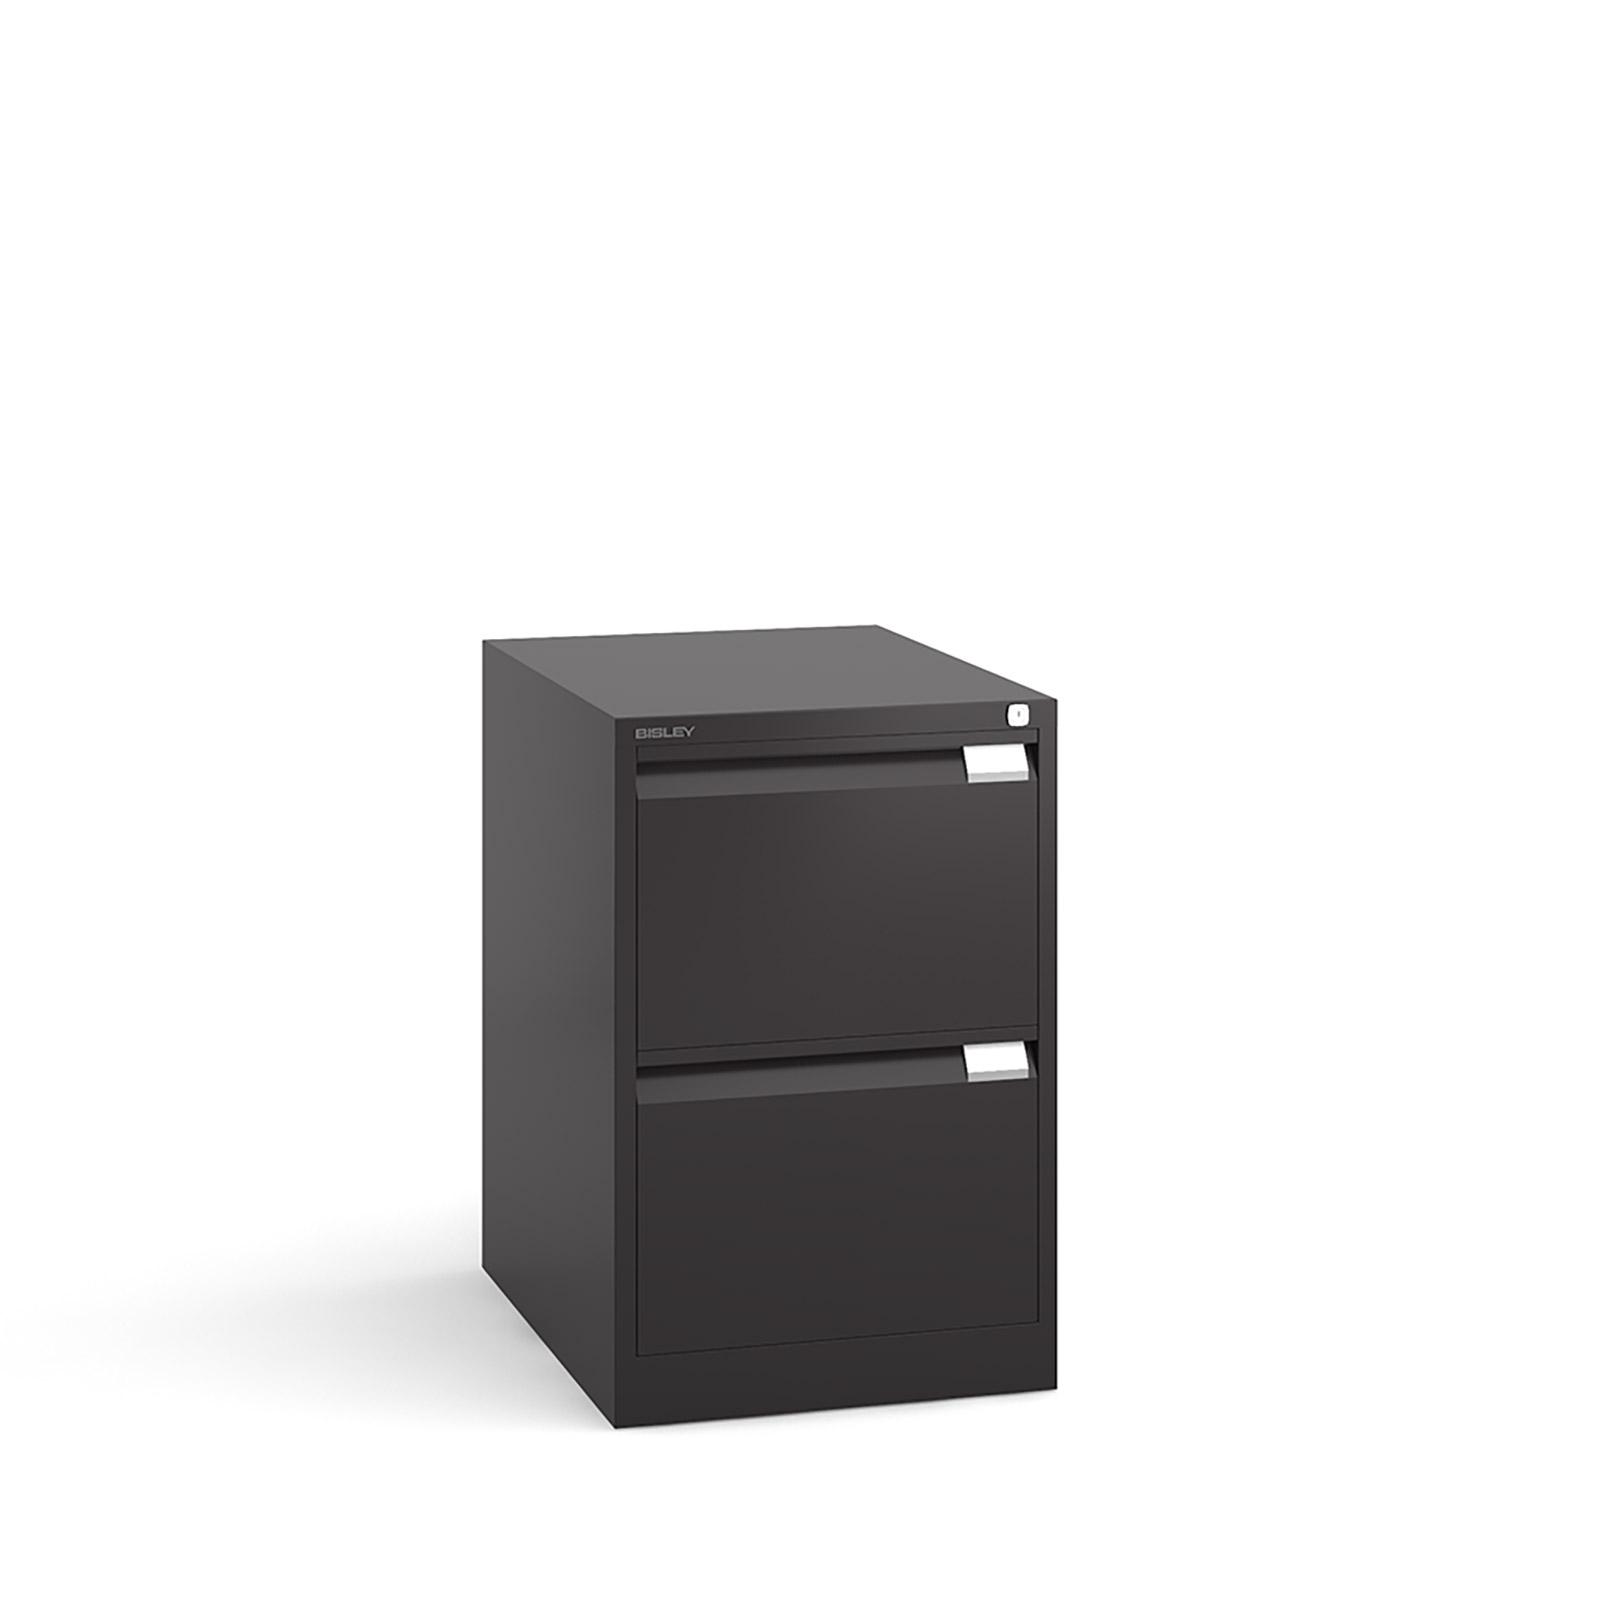 Bisley 2 drawer BS filing cabinet 711mm - black